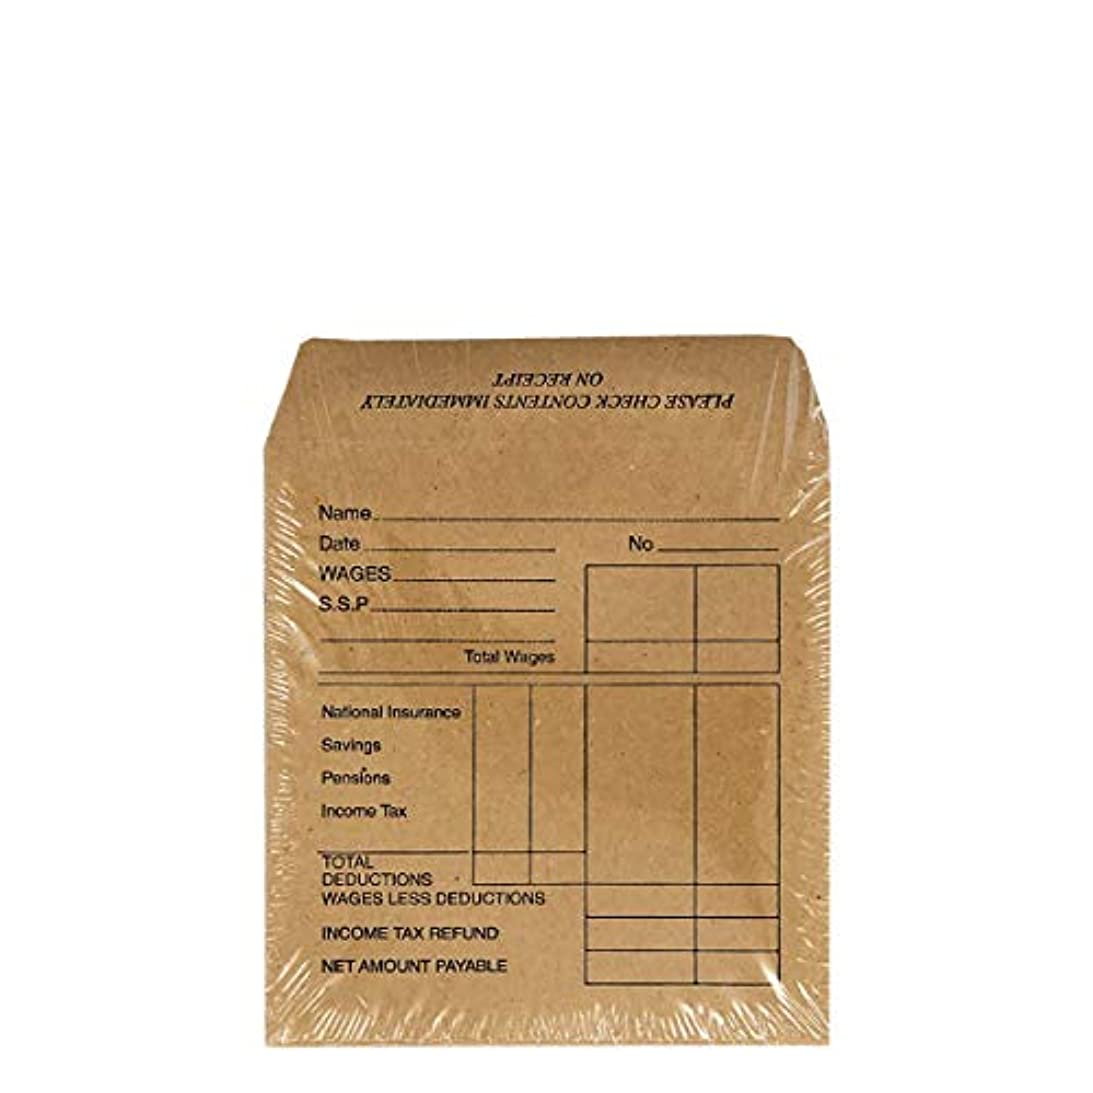 ハブブファイタージョイントアジェンダ サロンコンセプト 賃金支払い 封筒 50[海外直送品] [並行輸入品]